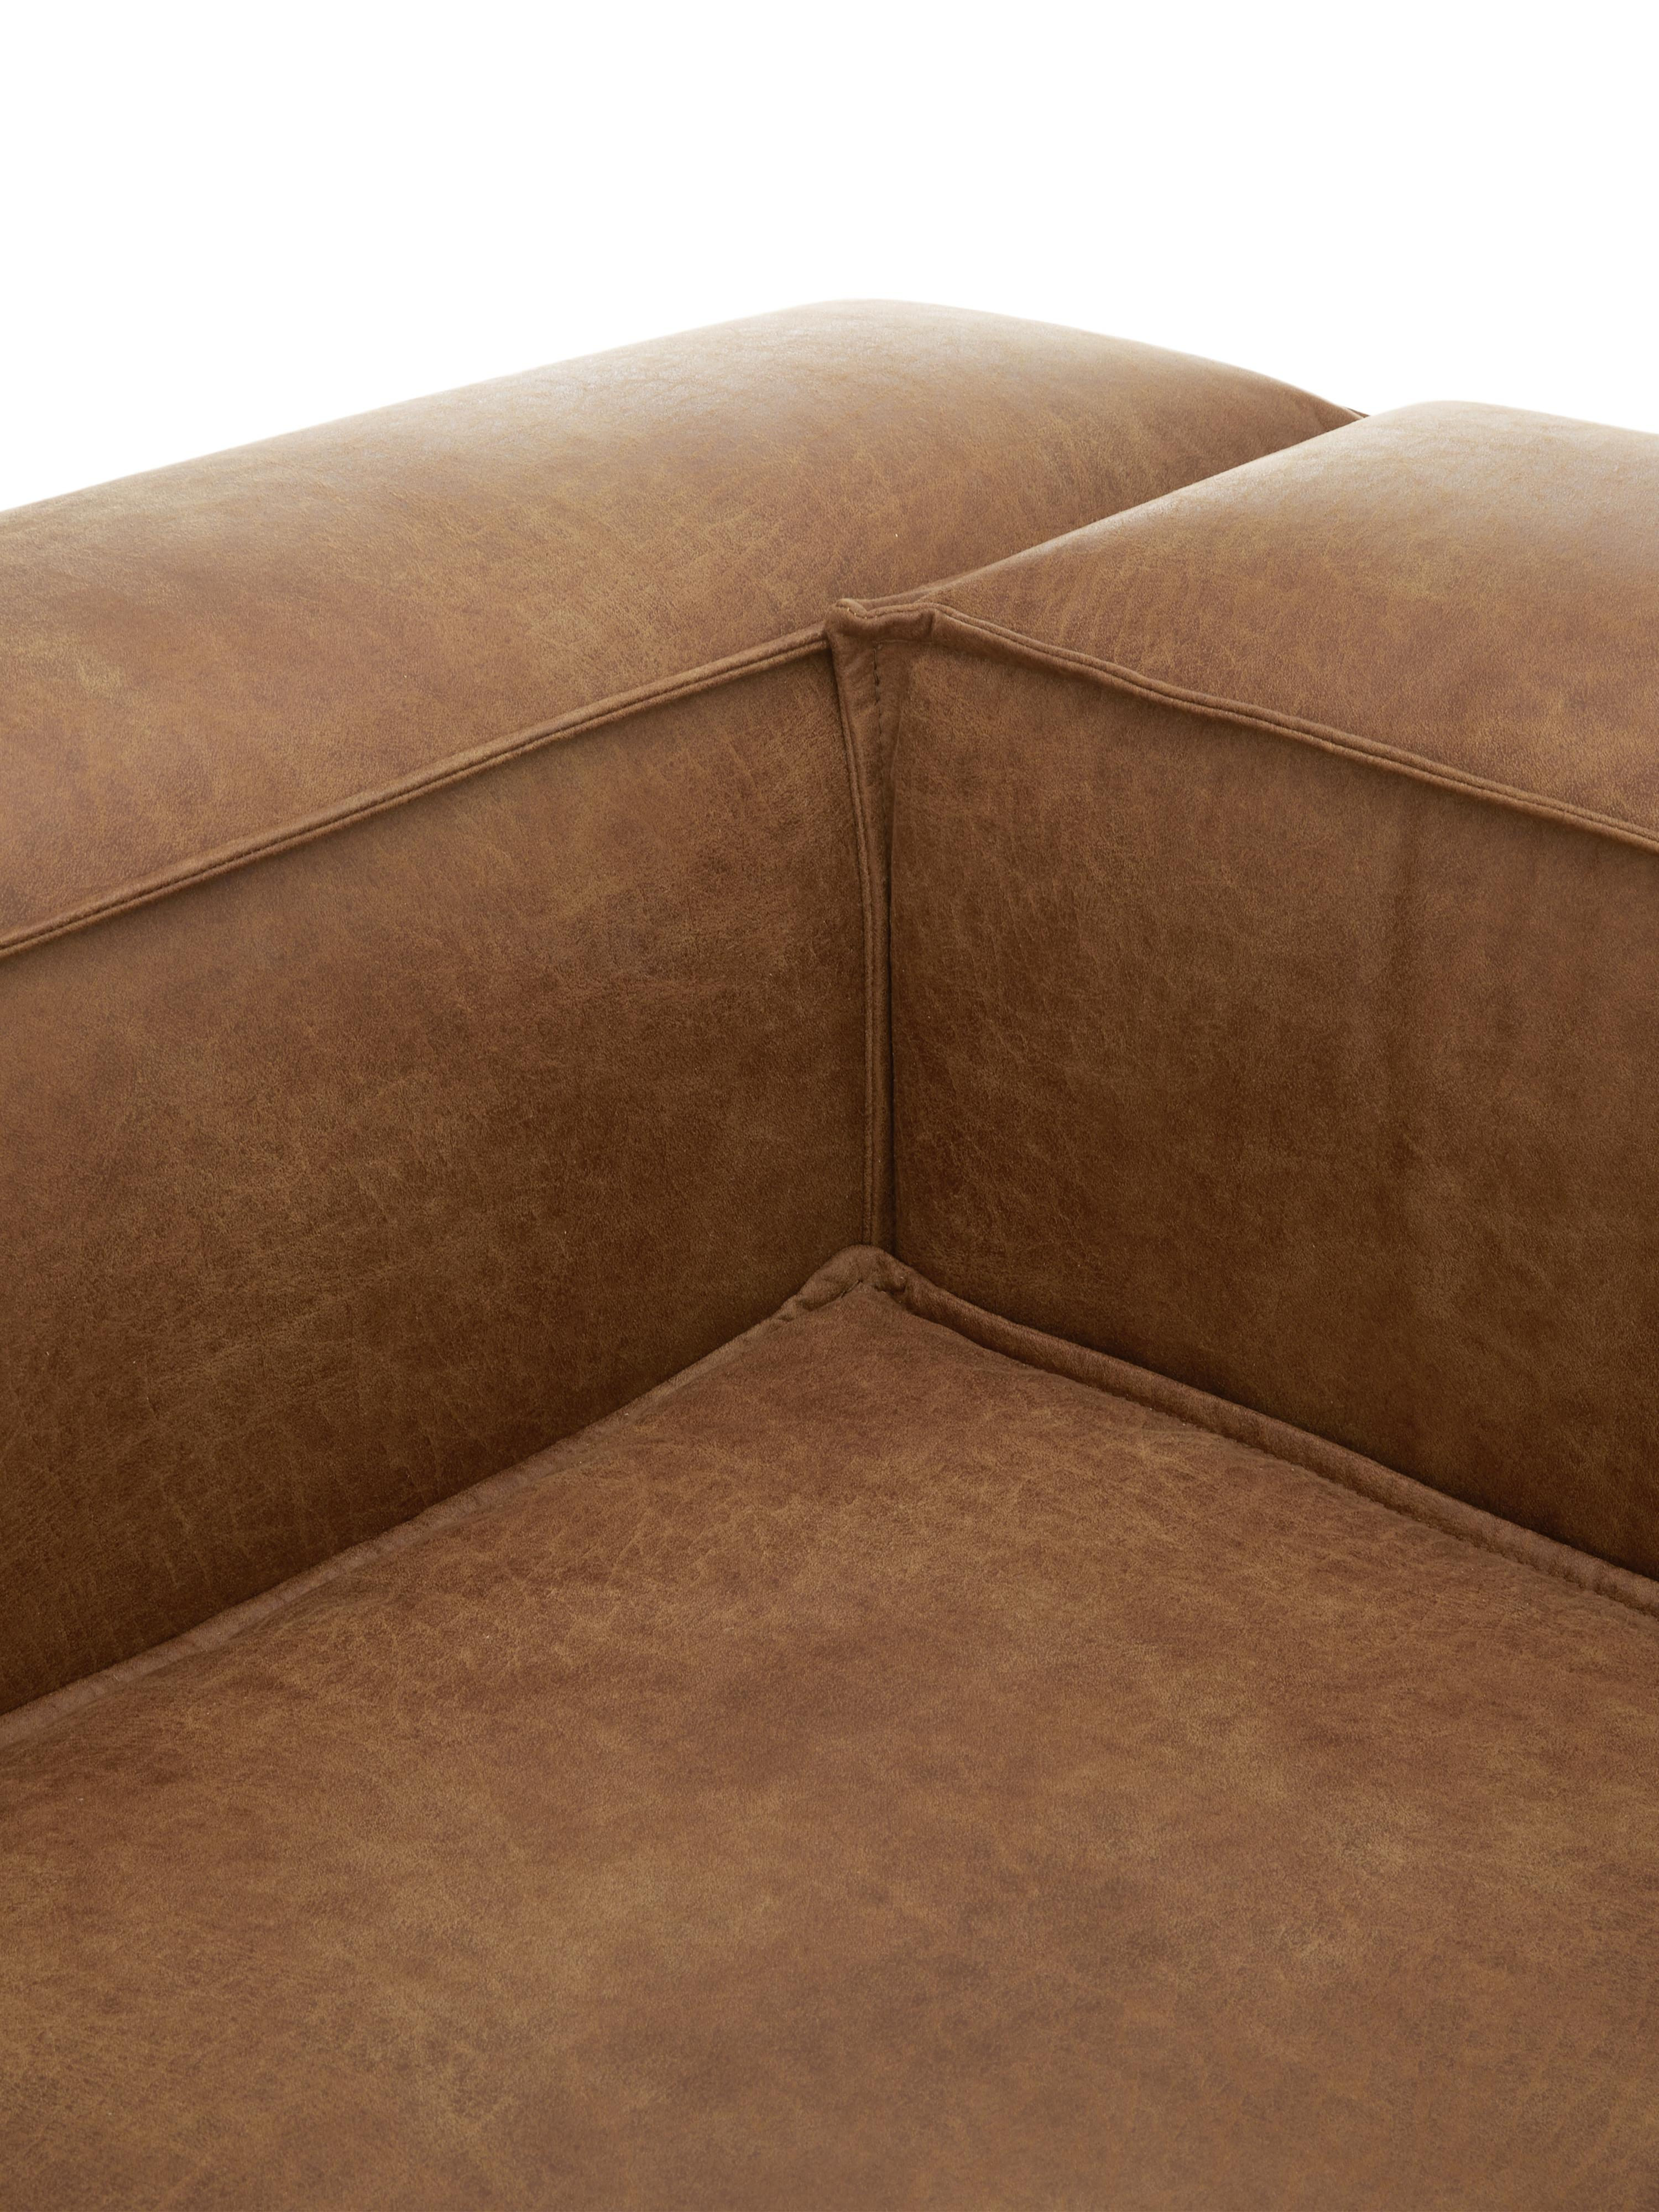 Diván modular de cuero XL Lennon, Tapizado: 70%cuero, 30%poliéster , Estructura: madera de pino maciza, ma, Patas: plástico, Marrón, An 357 x F 119 cm